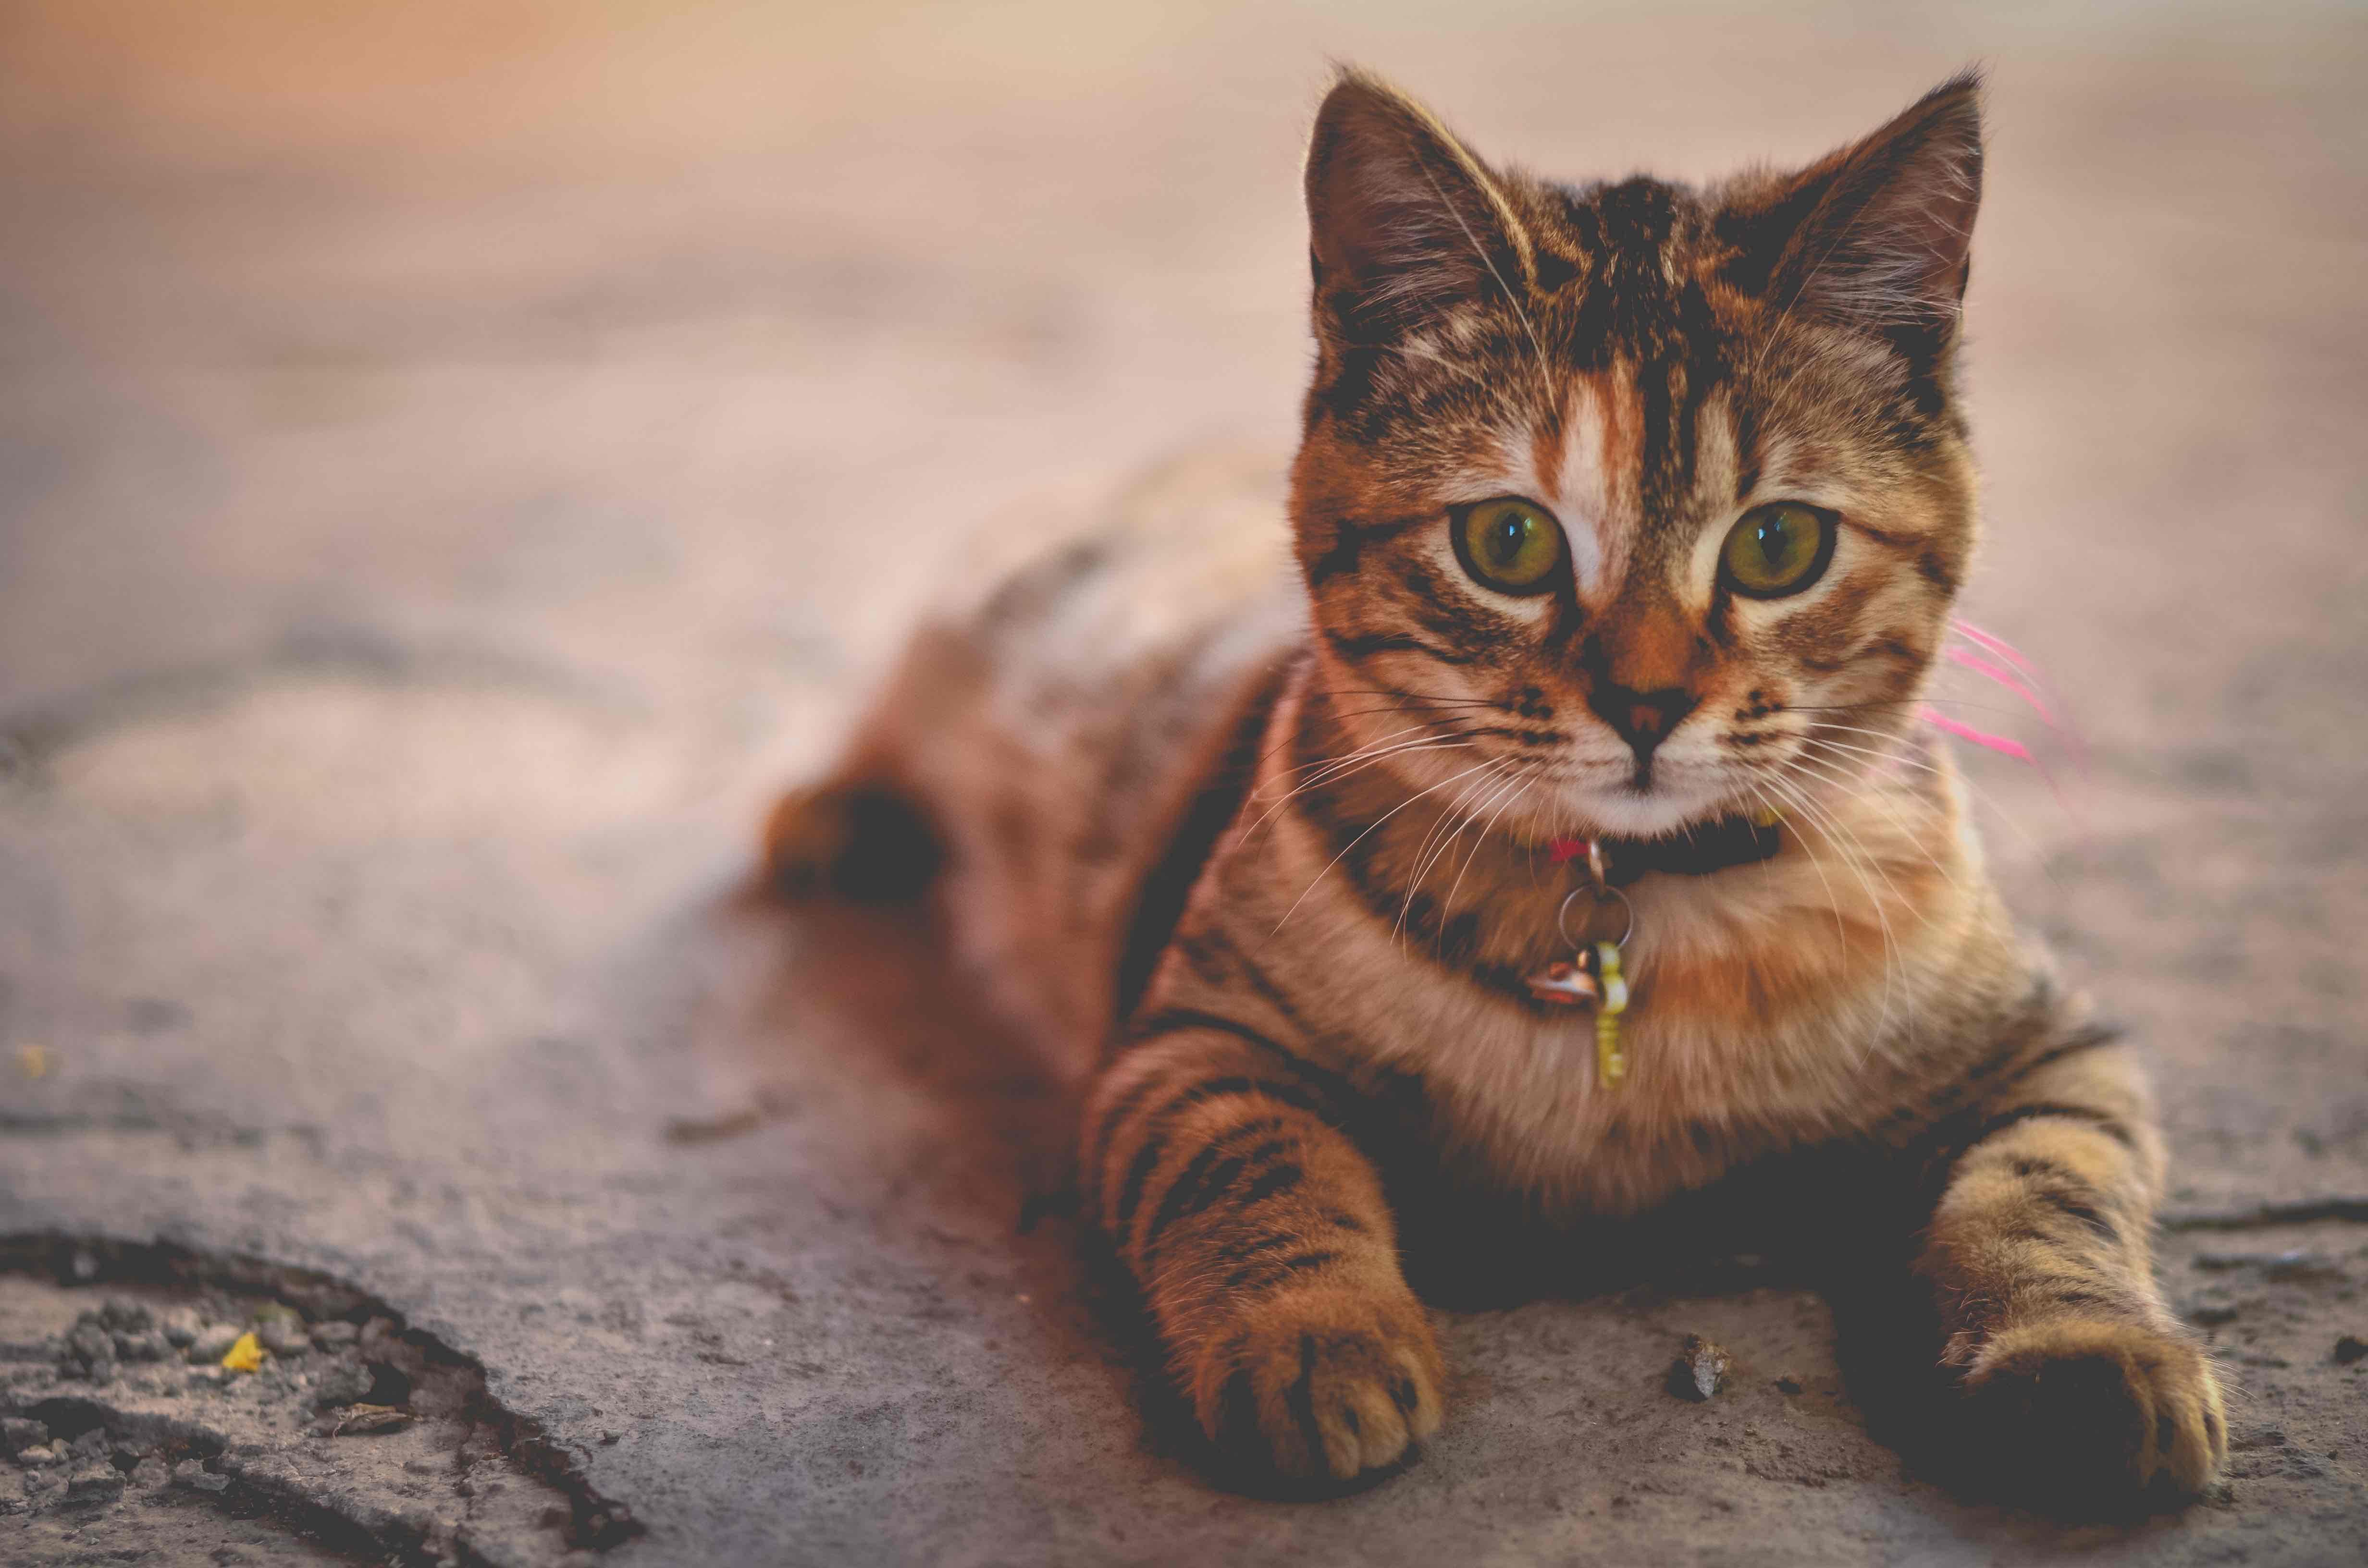 Imagenes muy lindas de gatitos3